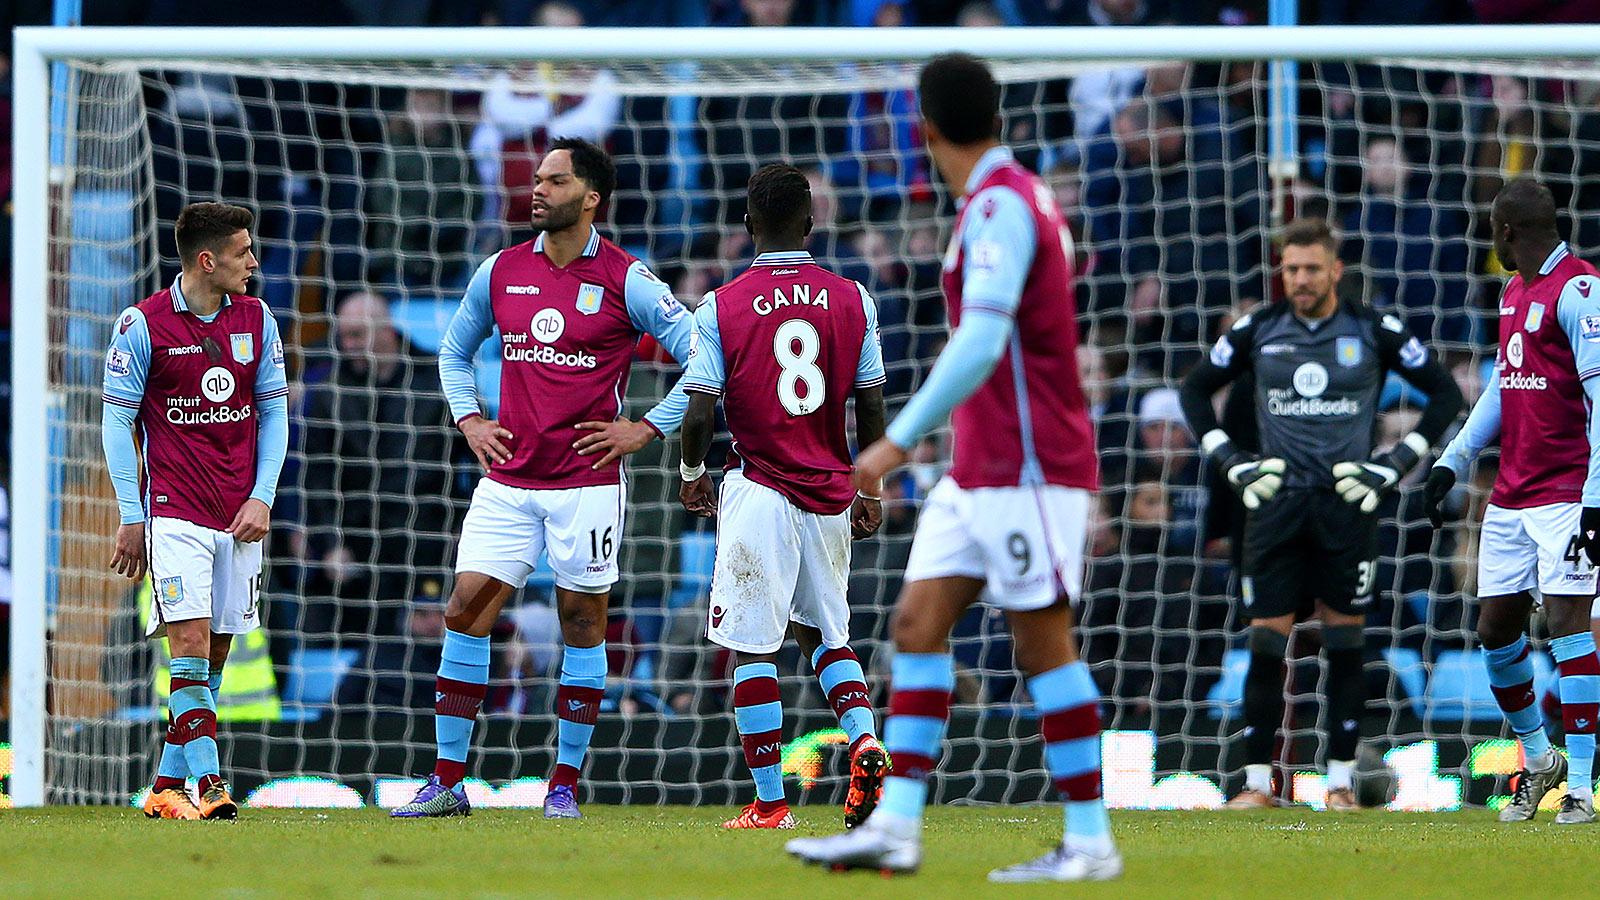 Aston Villa lose 3-0 ... to their Under-21 side